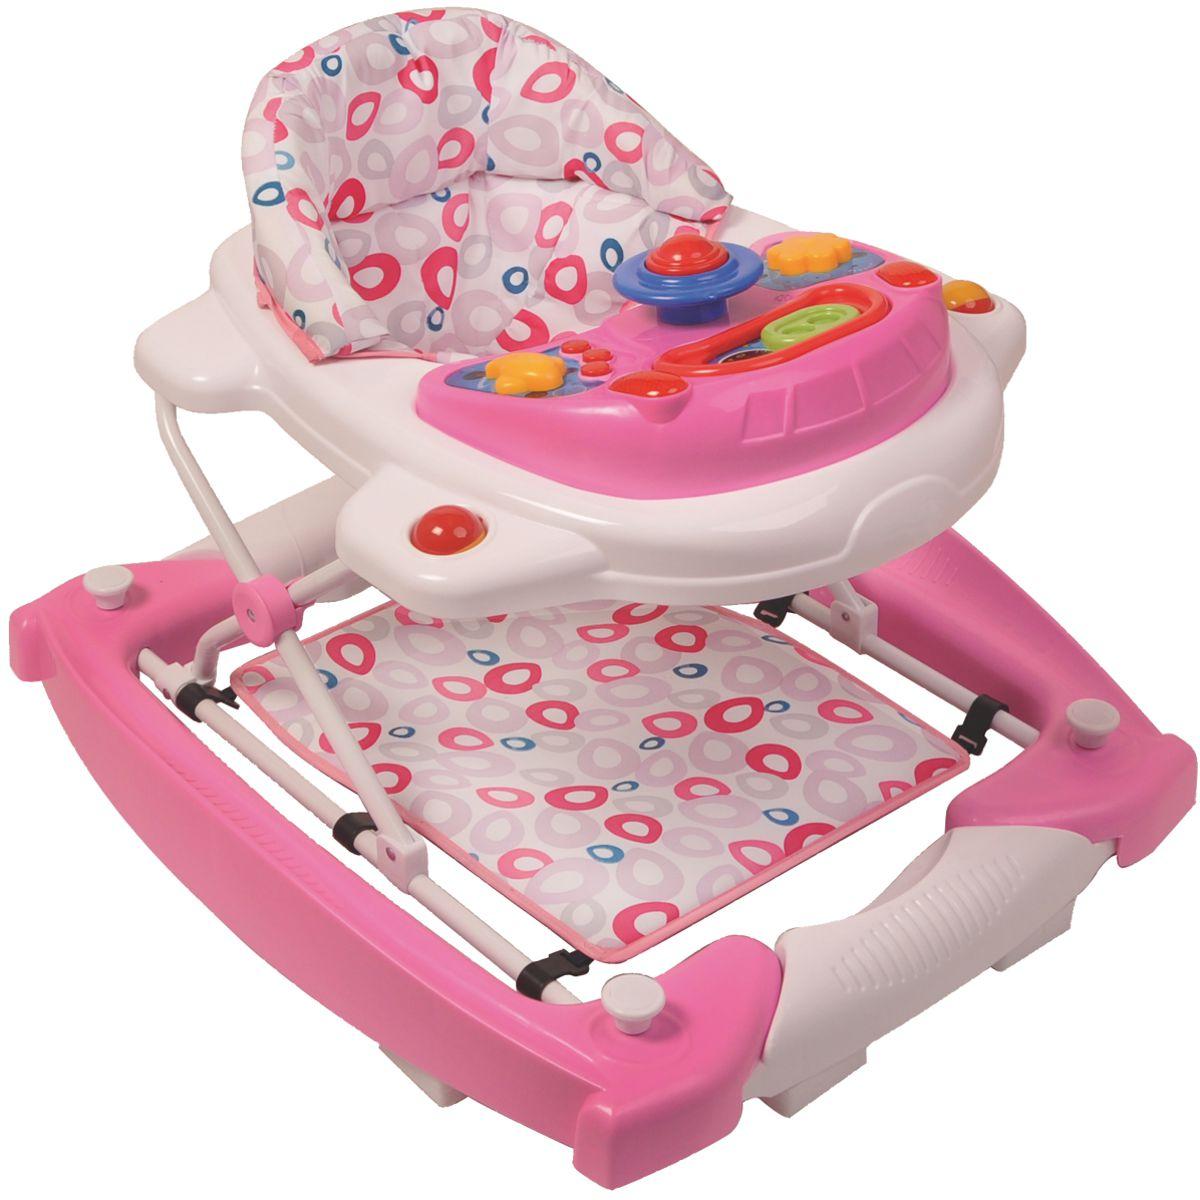 lauflernhilfe babyschaukel gehfrei gehhilfe laufhilfe baby. Black Bedroom Furniture Sets. Home Design Ideas